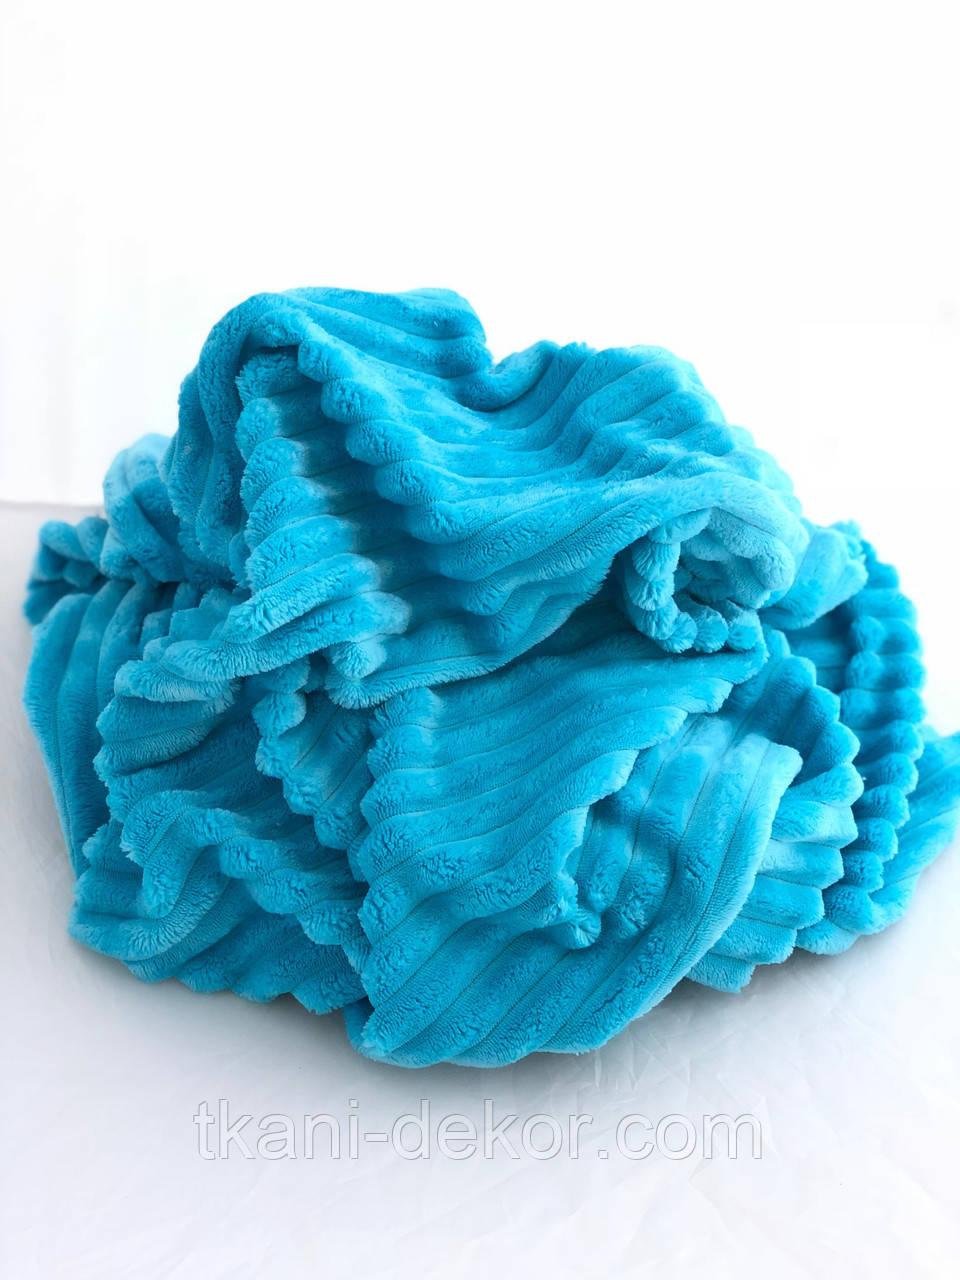 Плюшевая ткань Minky Stripes бирюзового цвета (шарпей)